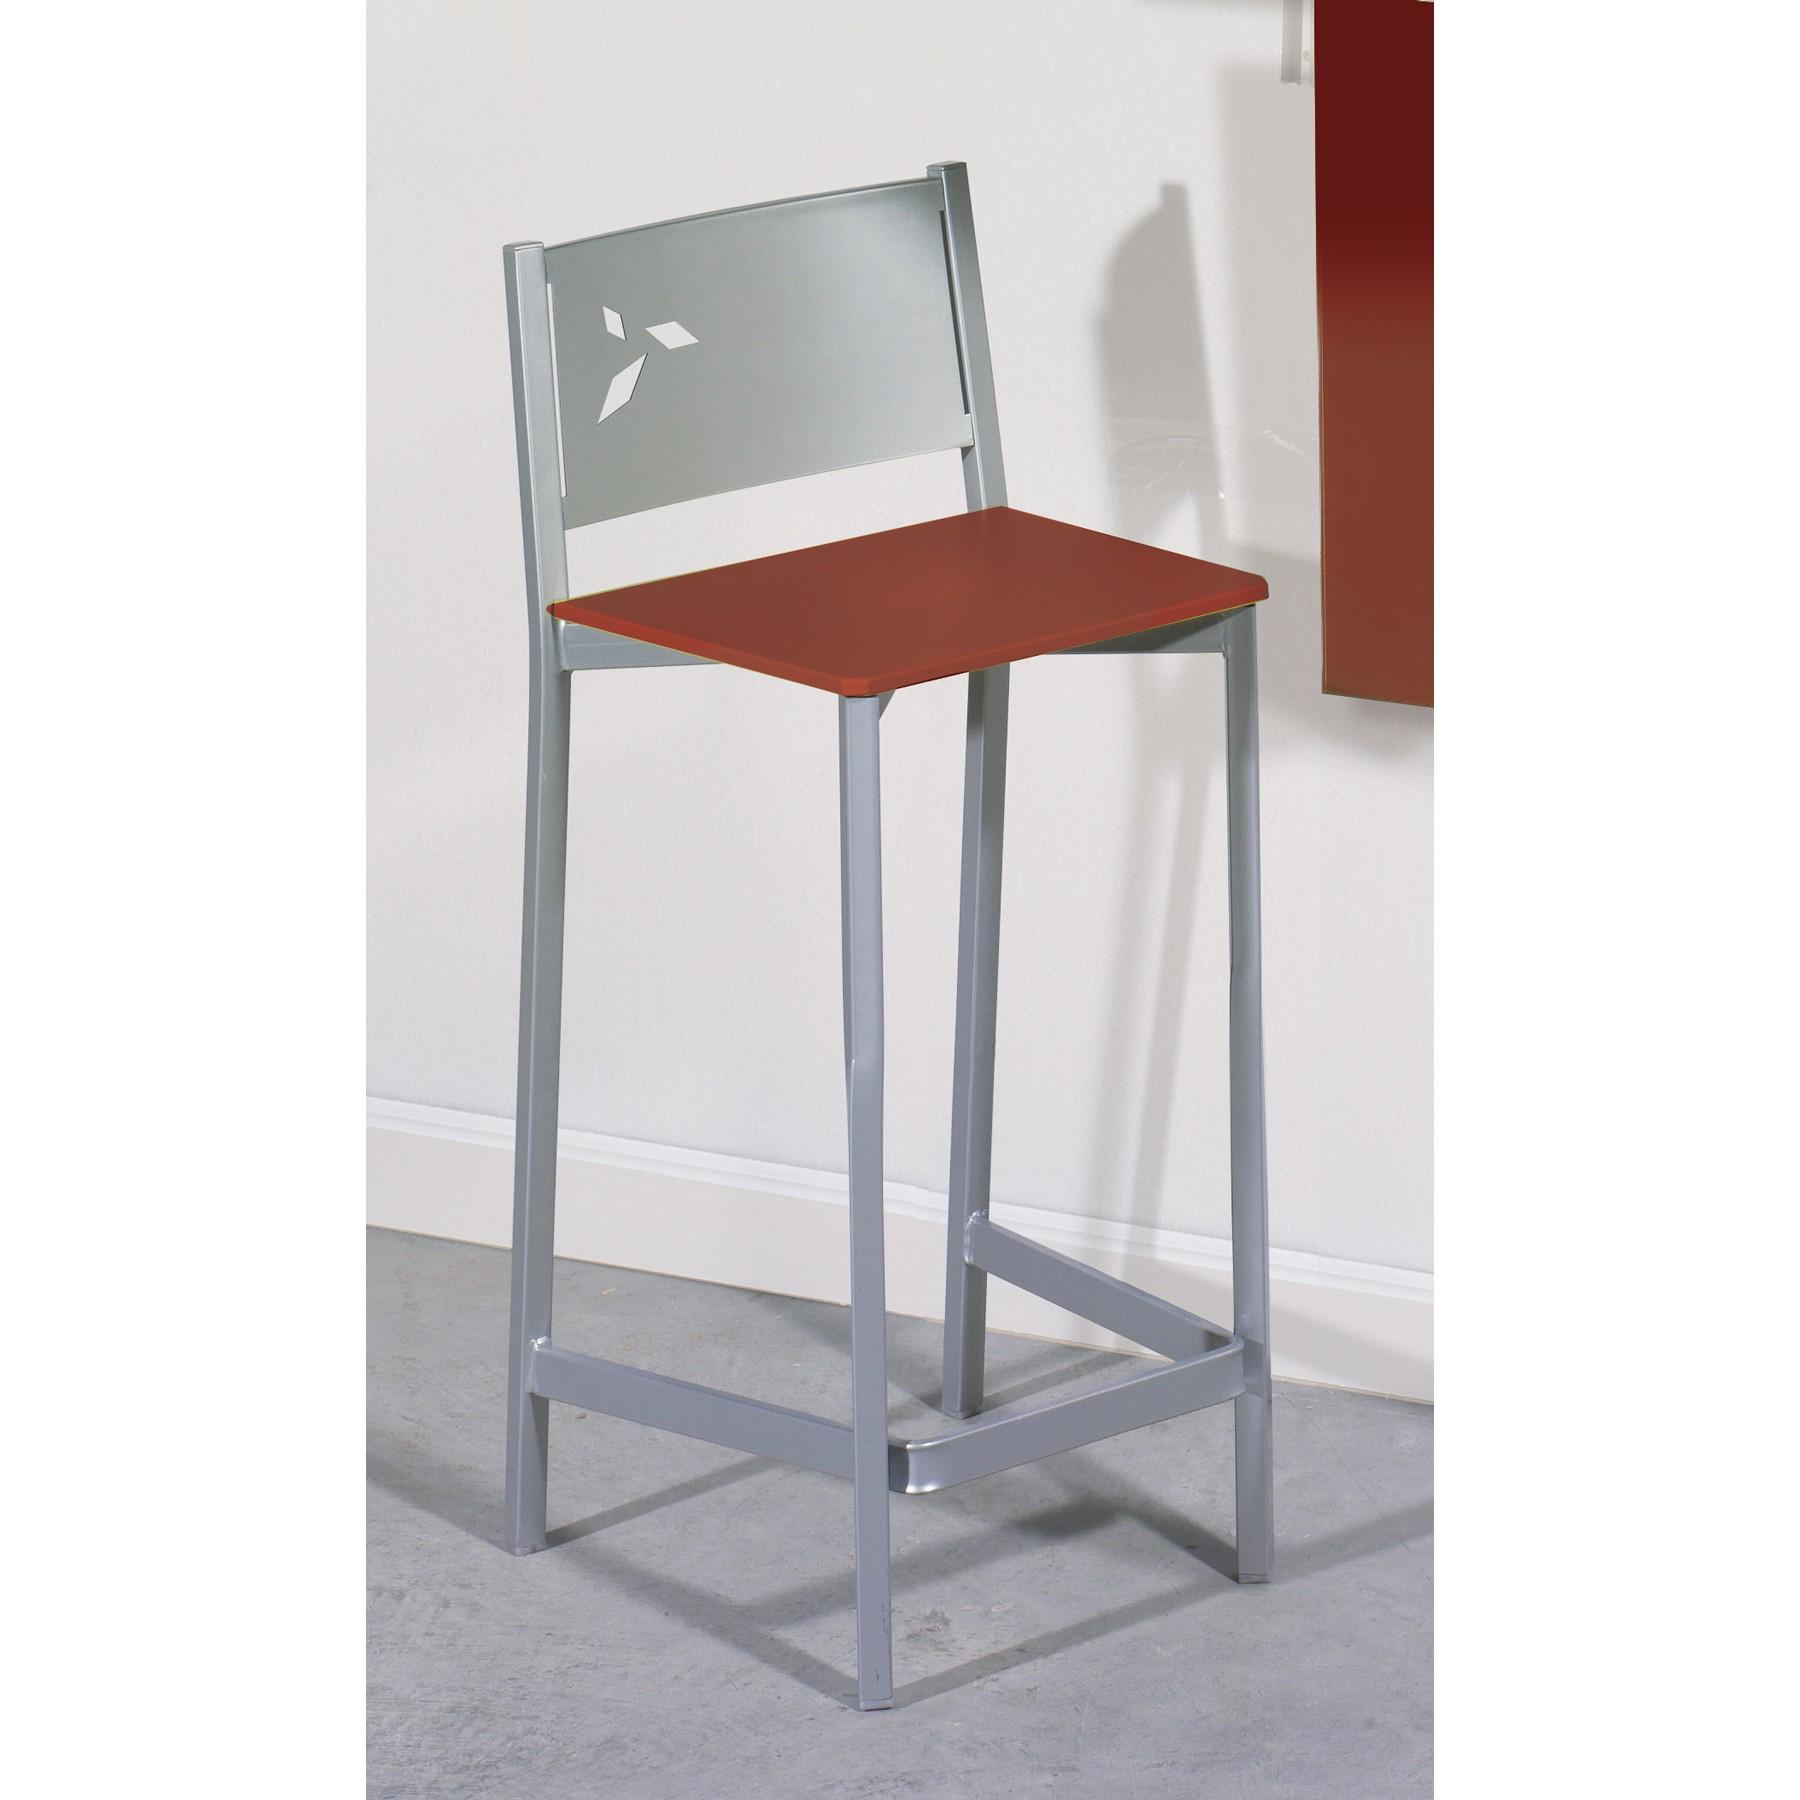 Taburete alto de cocina en aluminio y polipiel dkg for Taburete escalera cocina